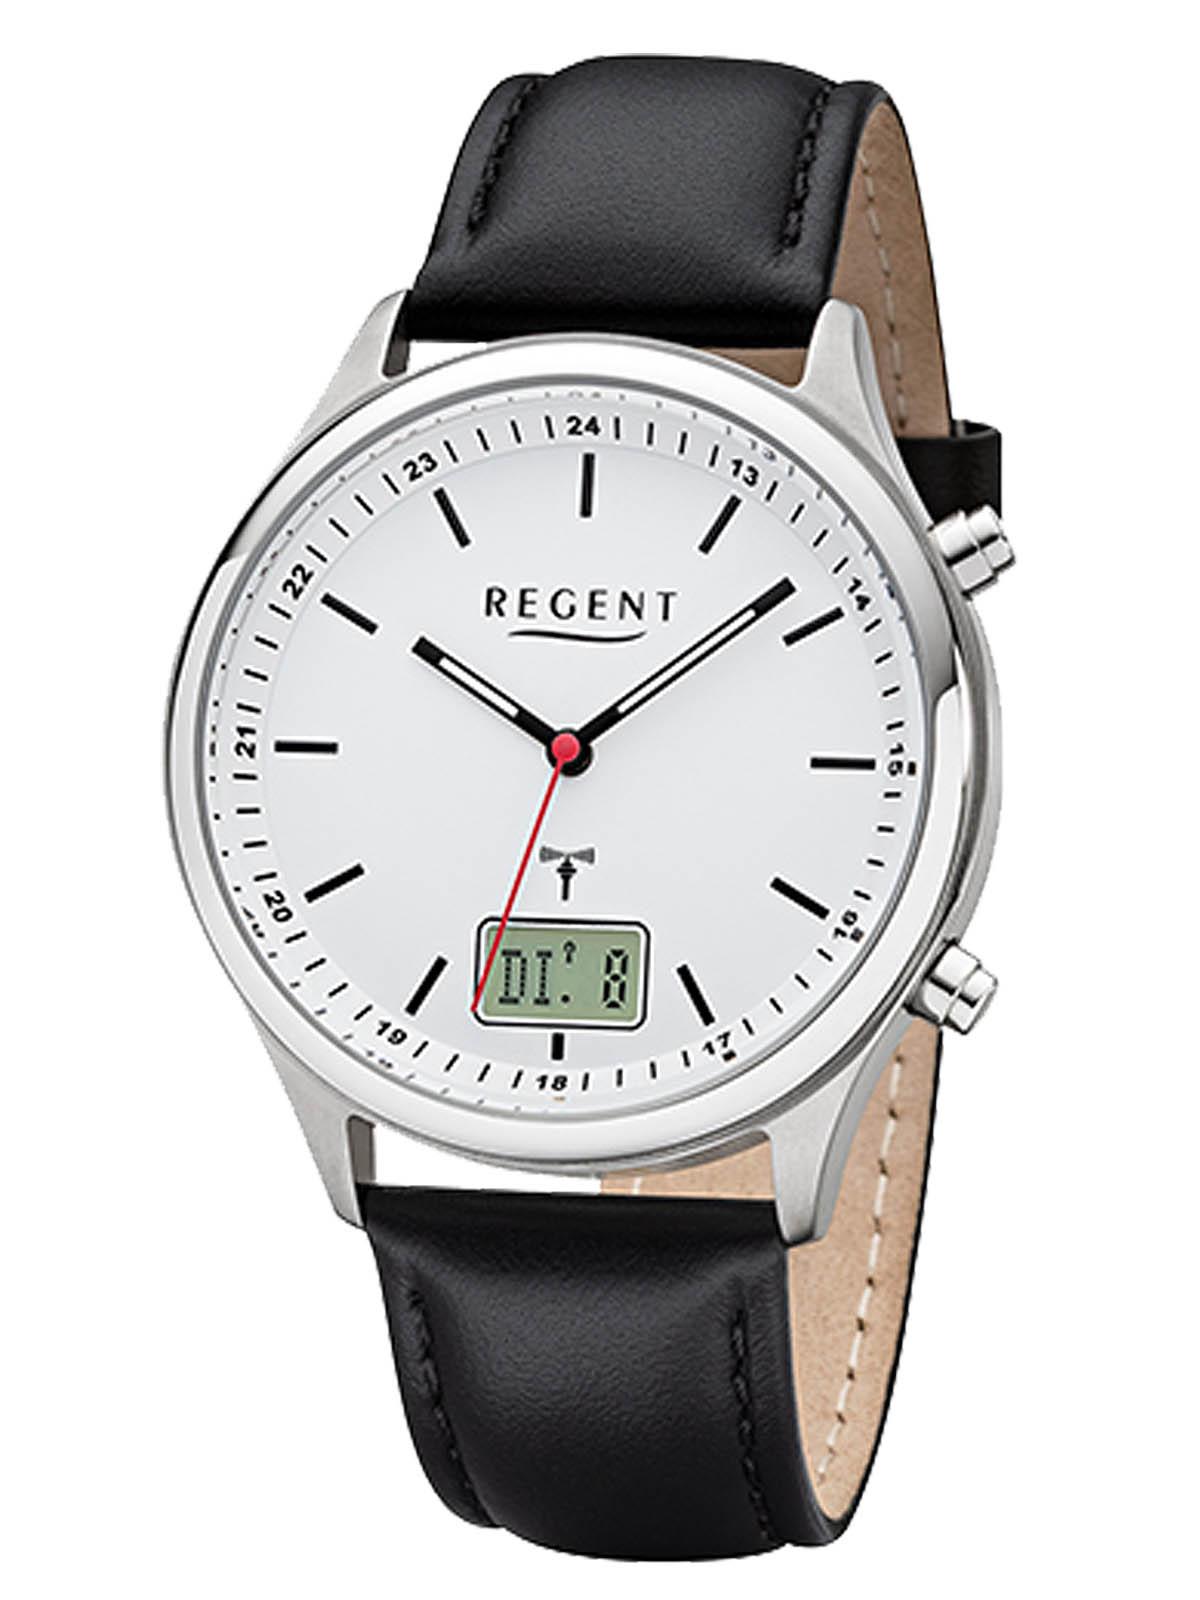 REGENT Herren-Armbanduhr Funkuhr Edelstahl analog-digital